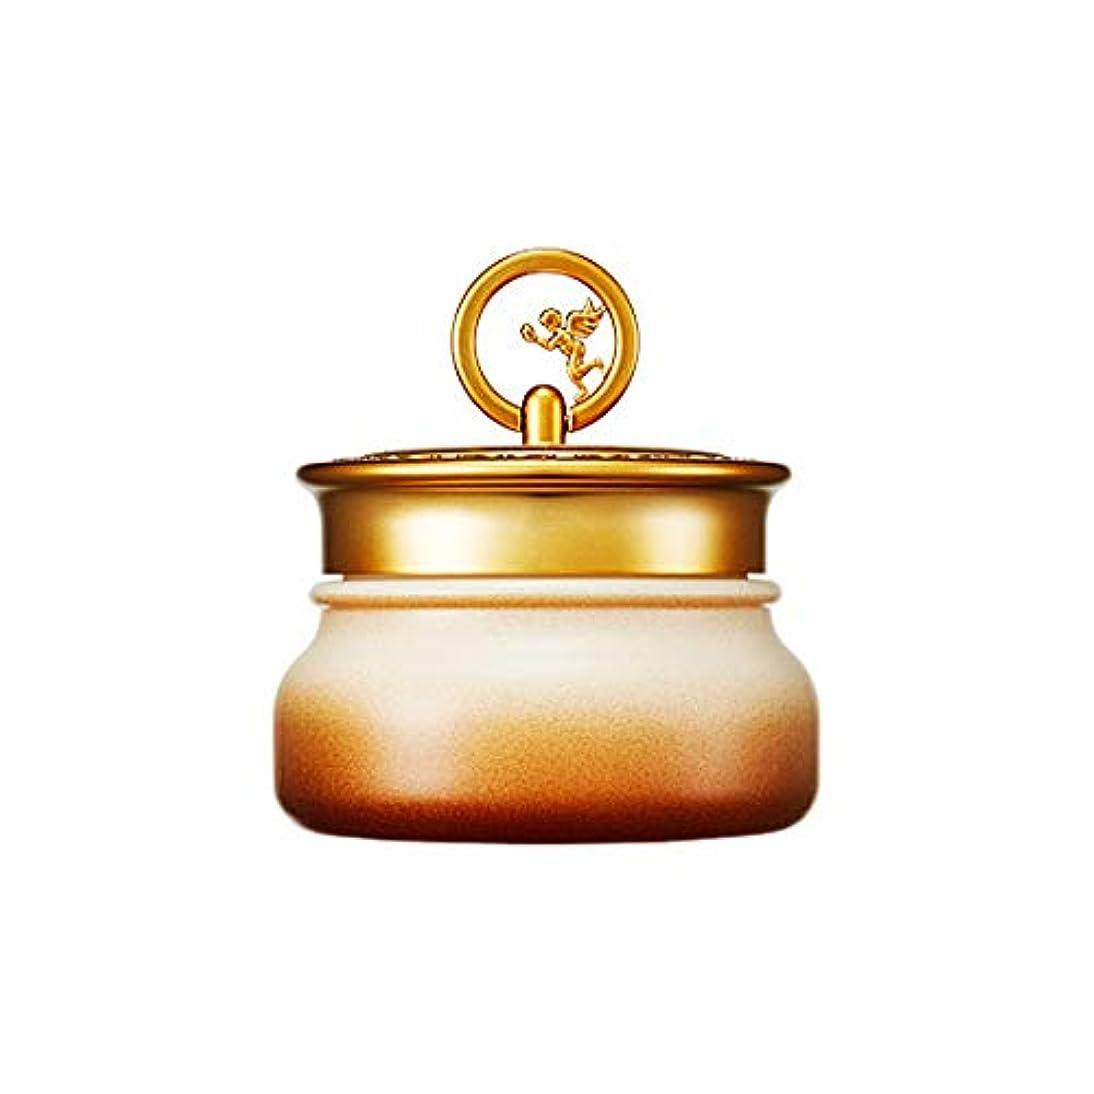 セール変形カリングSkinfood ゴールドキャビアクリーム(しわケア) / Gold Caviar Cream (wrinkle care) 45g [並行輸入品]